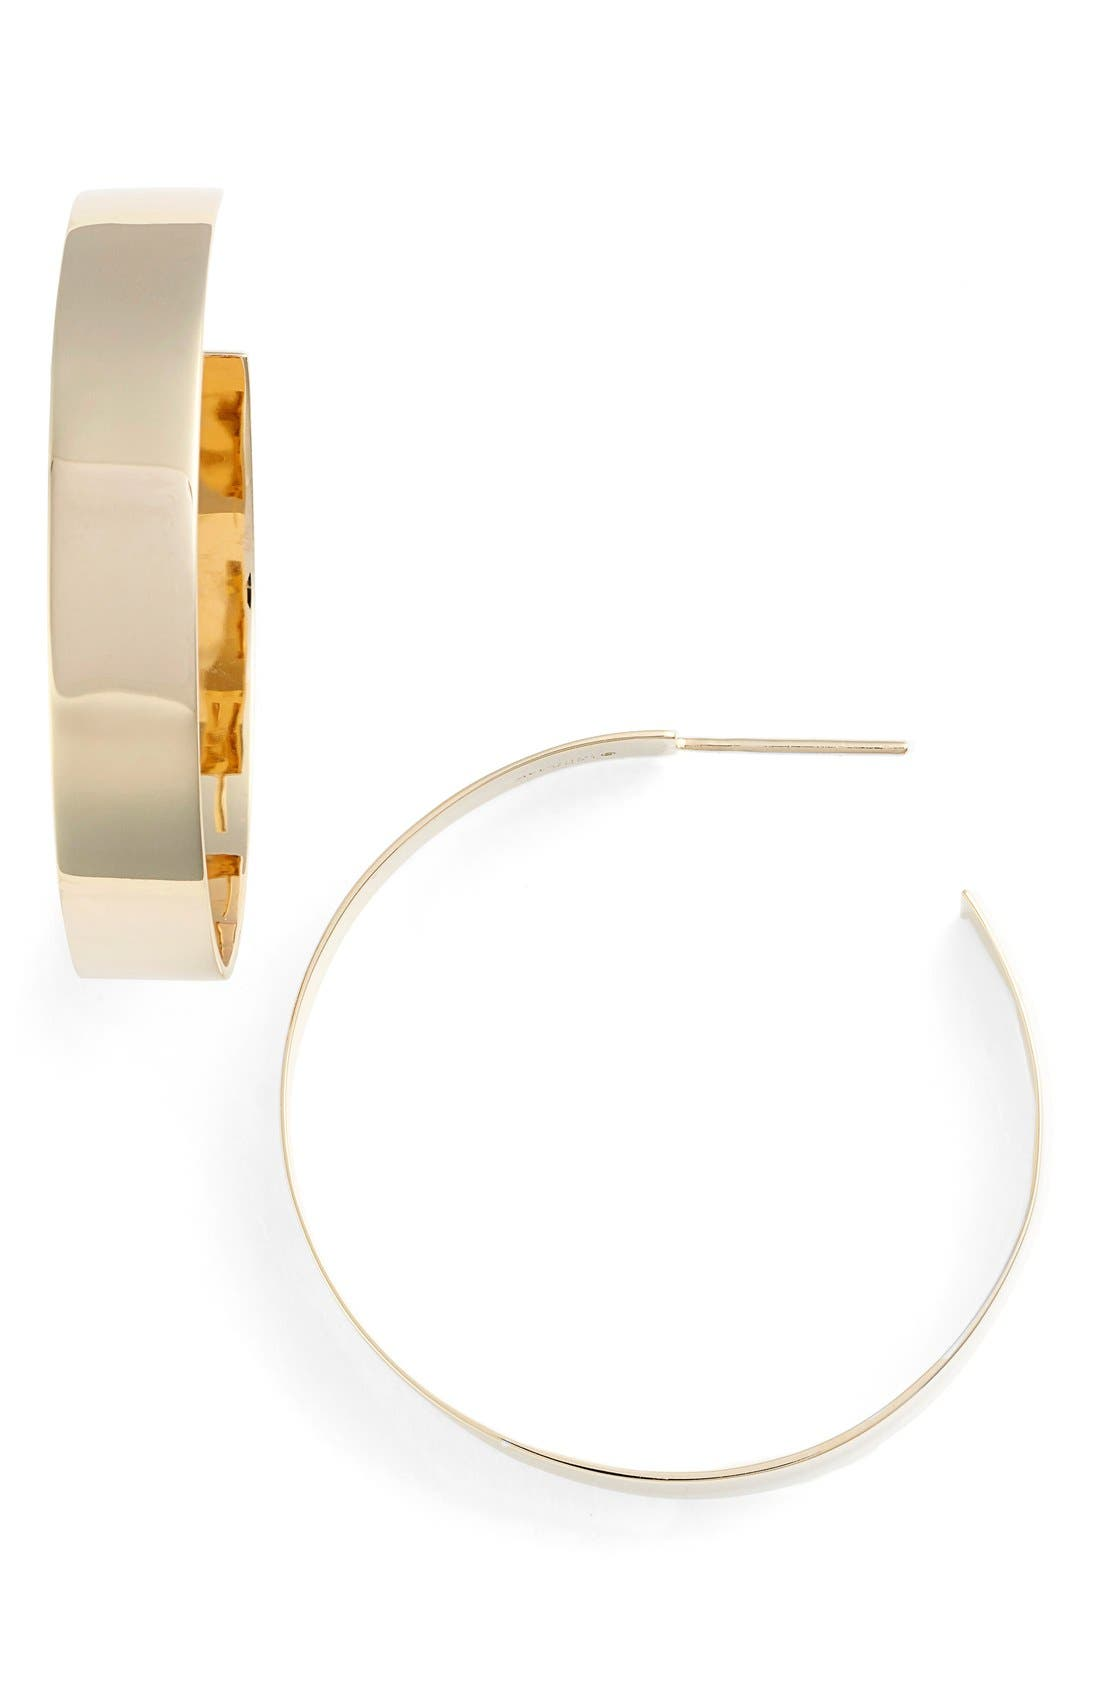 Main Image - Lana Jewelry 'Vanity' Small Hoop Earrings